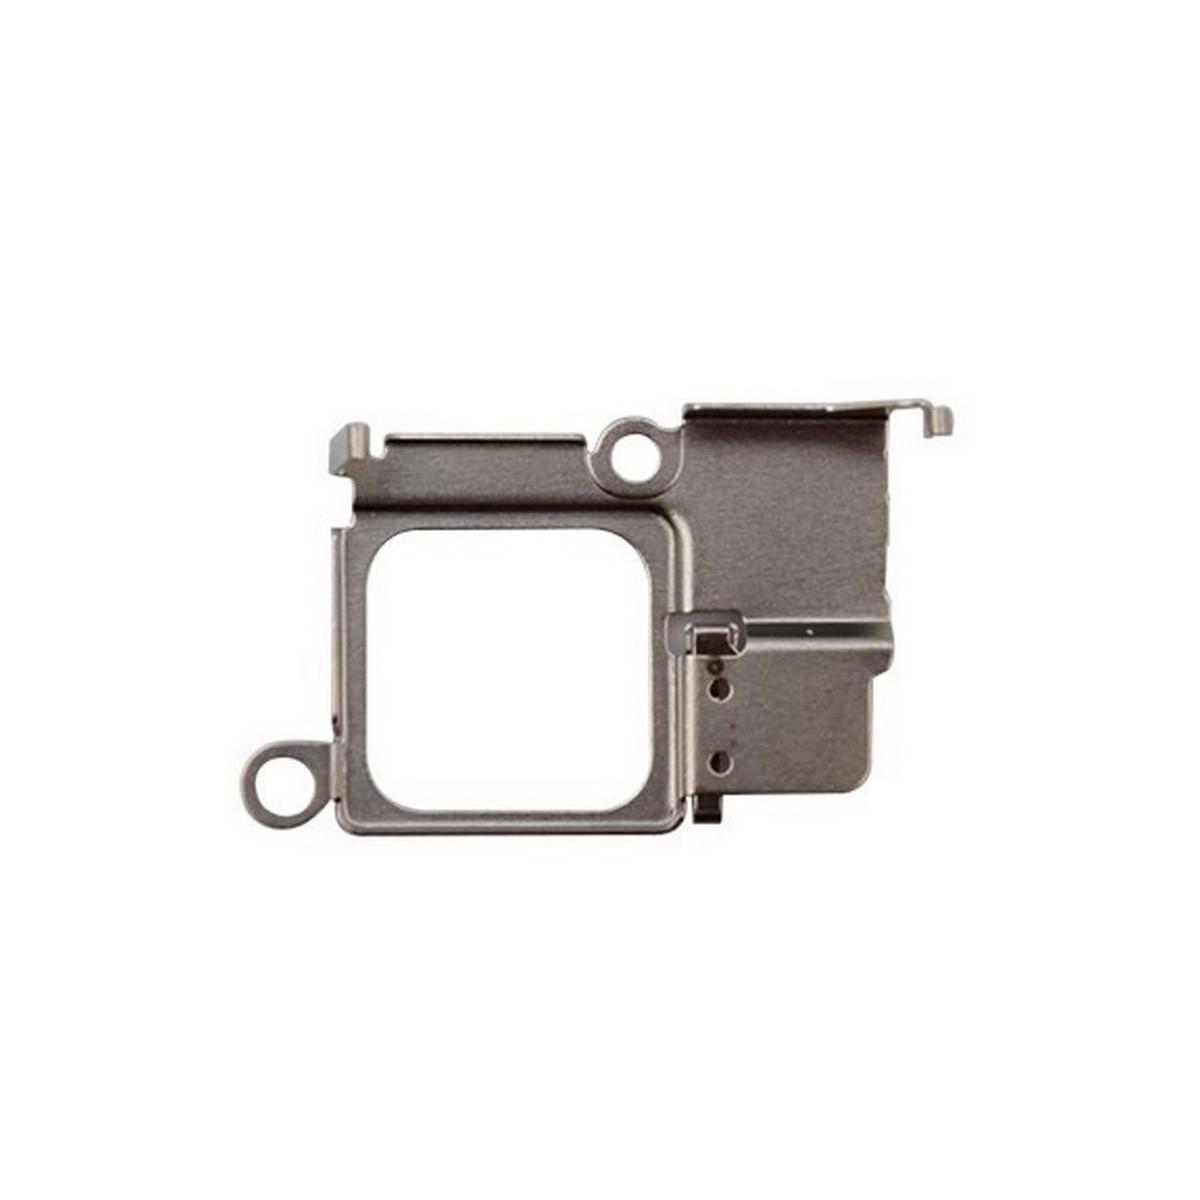 cobertura de metal para el altavoz fone de ouvido iphone 5s/ 5c